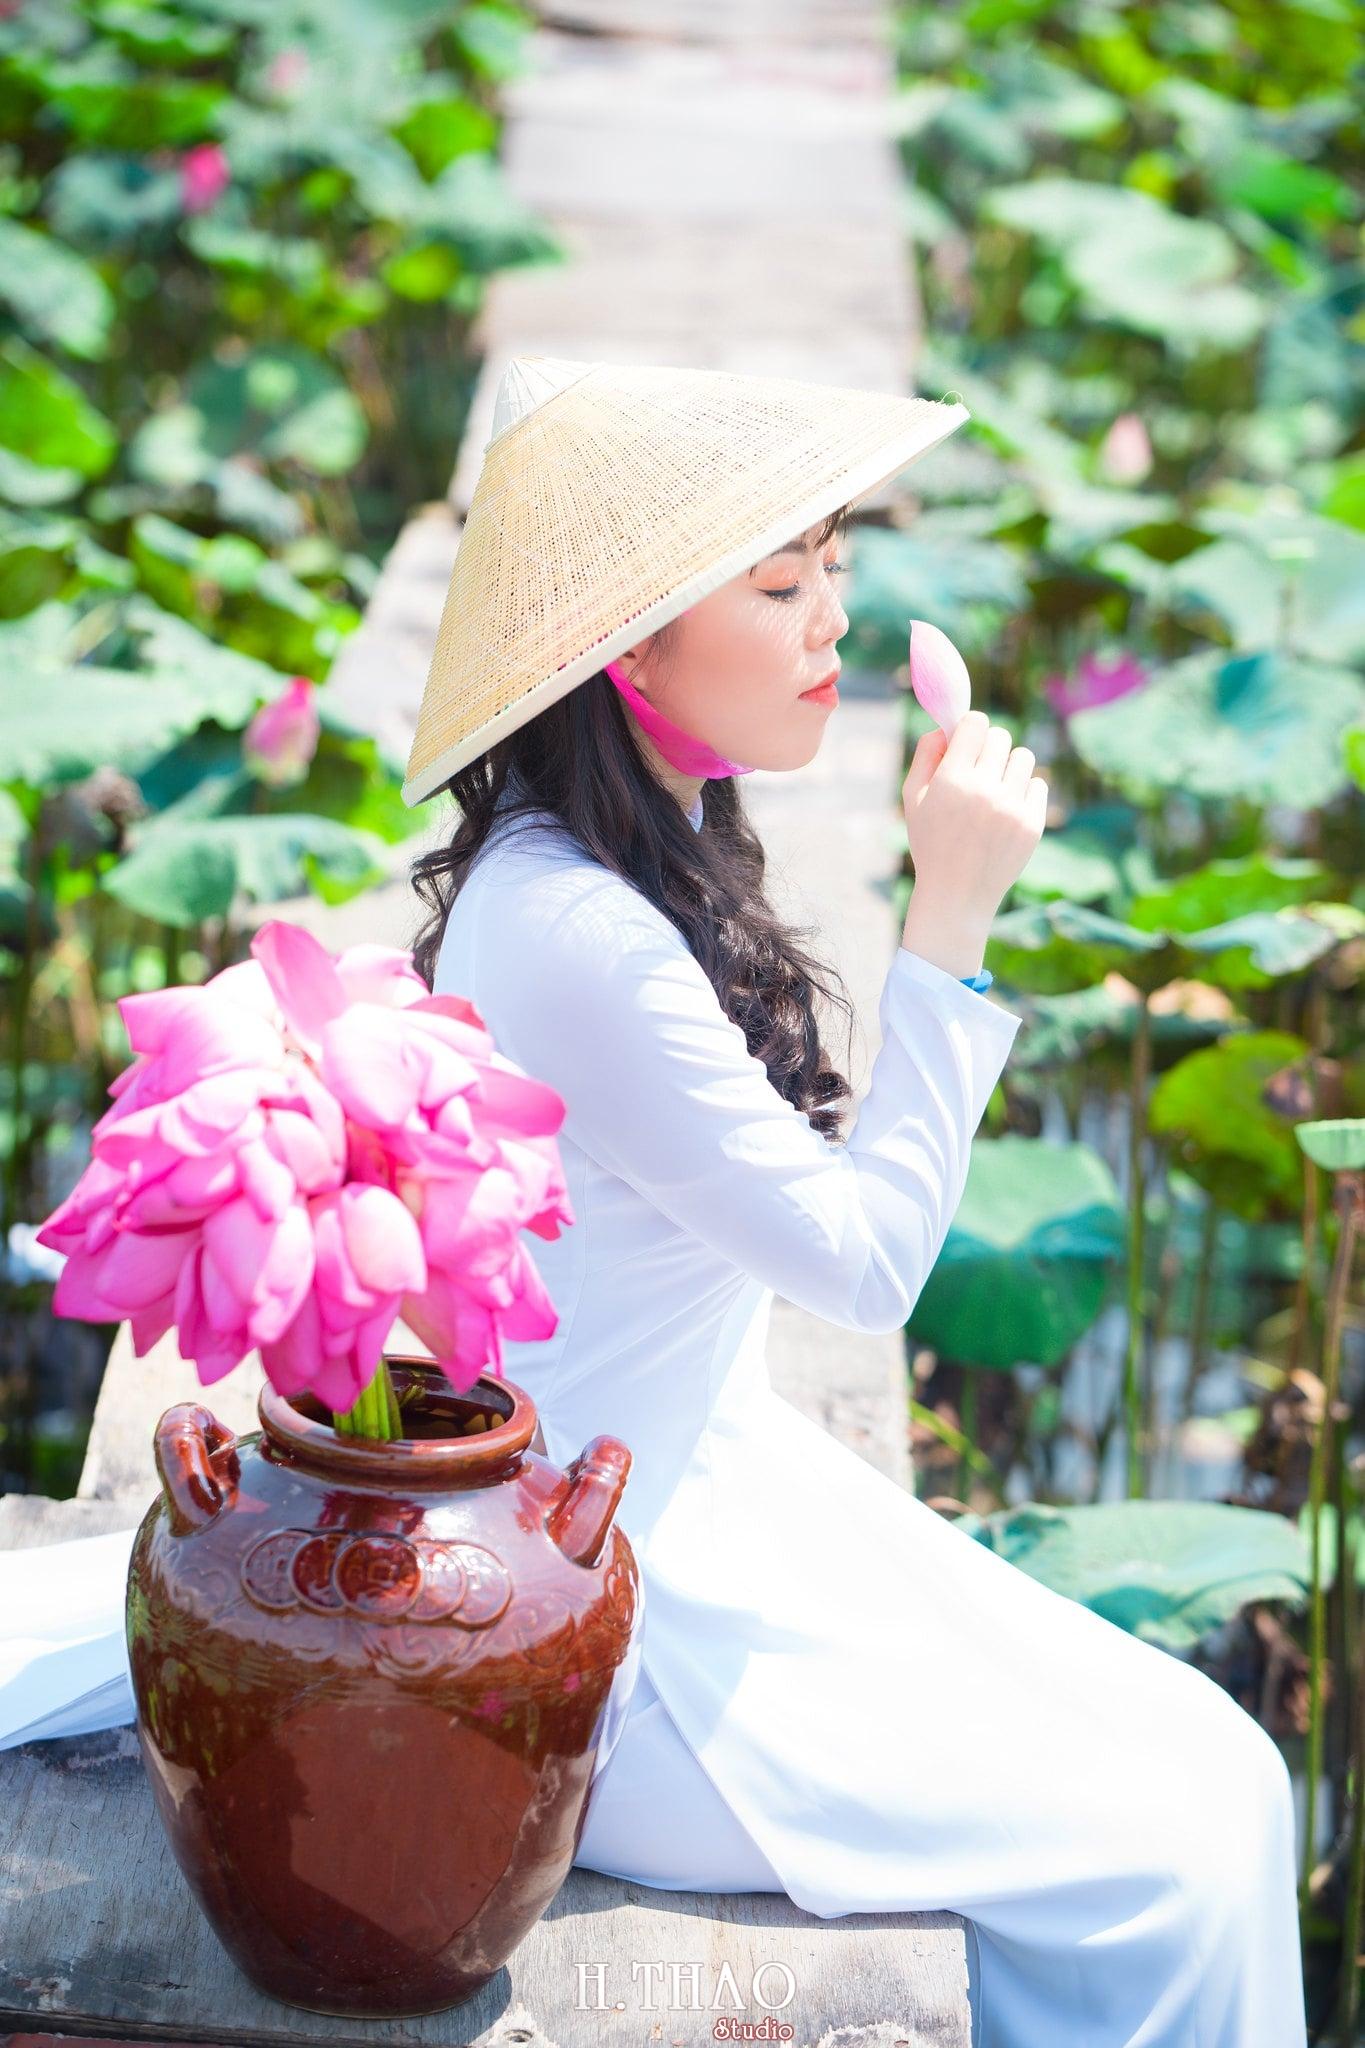 nh áo dài hoa sen 29 - Góc ảnh thiếu nữ áo dài bên hoa sen đẹp tinh khôi- HThao Studio